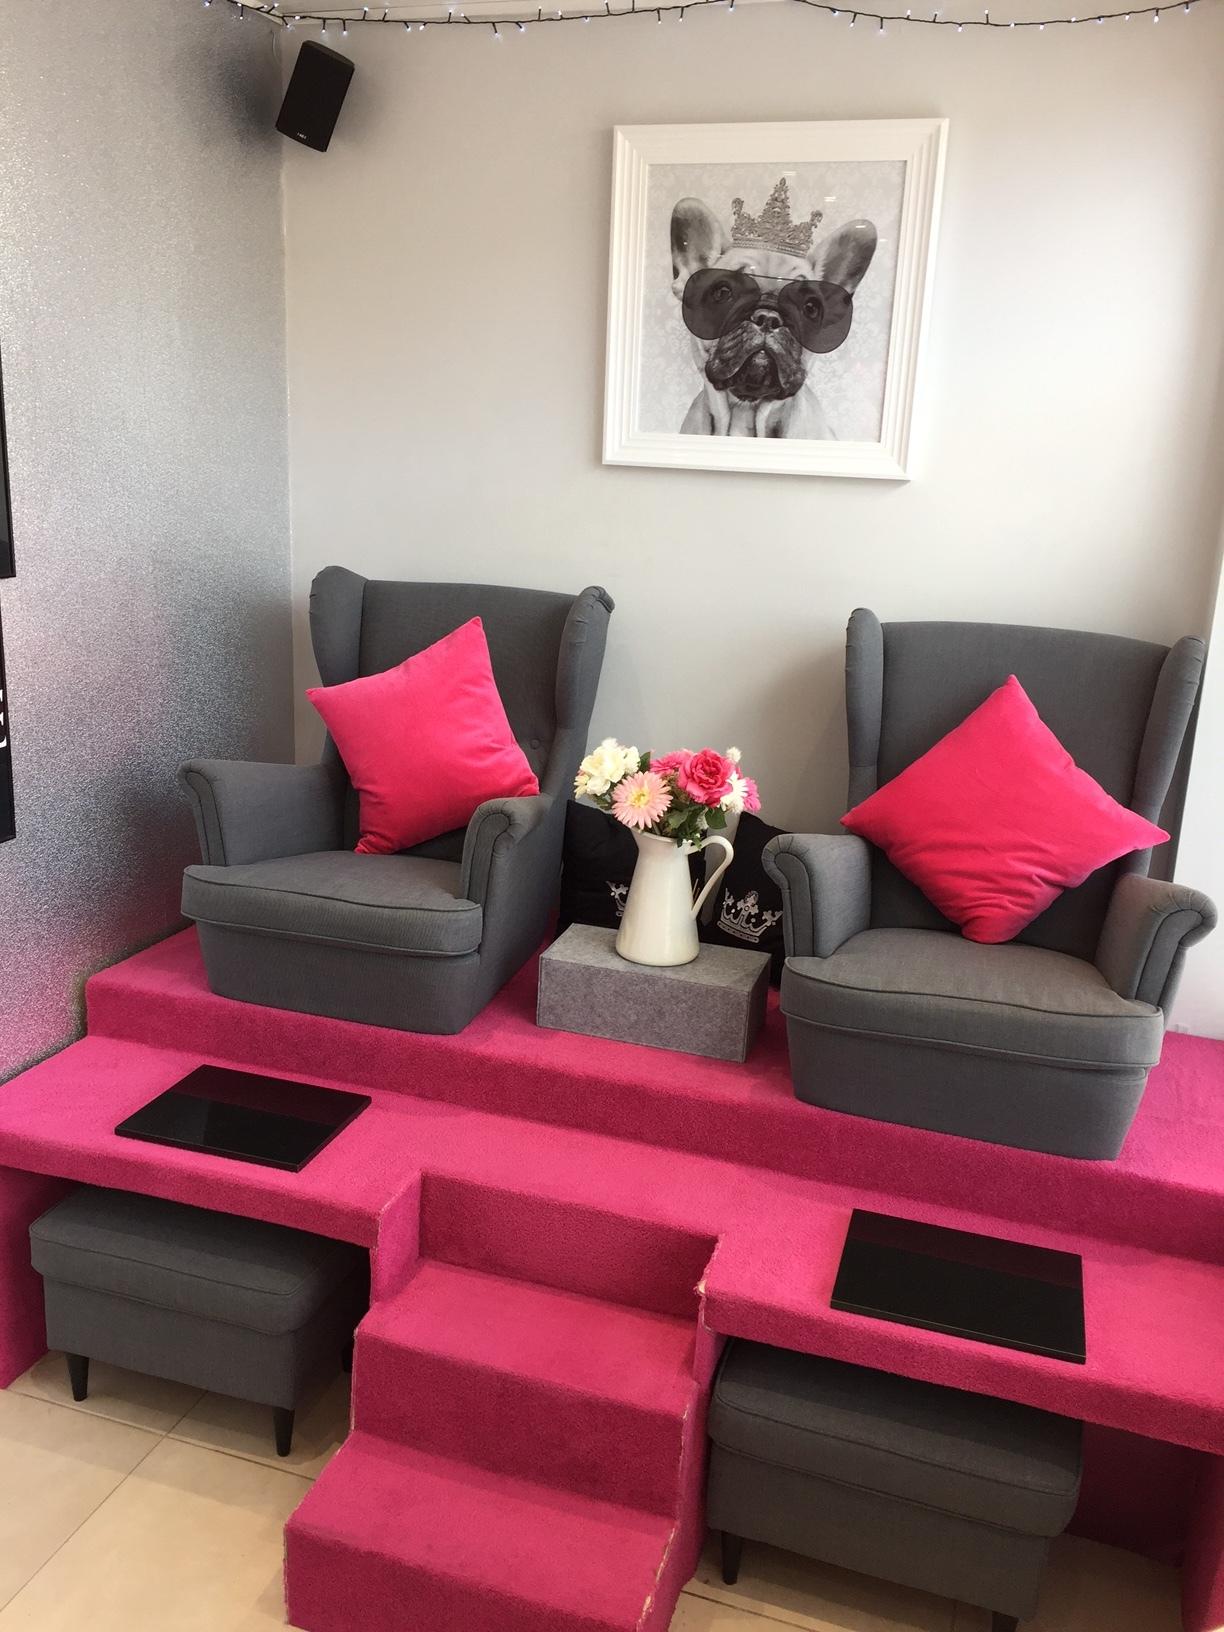 Purpose built pedicure area for maximum client comfort!